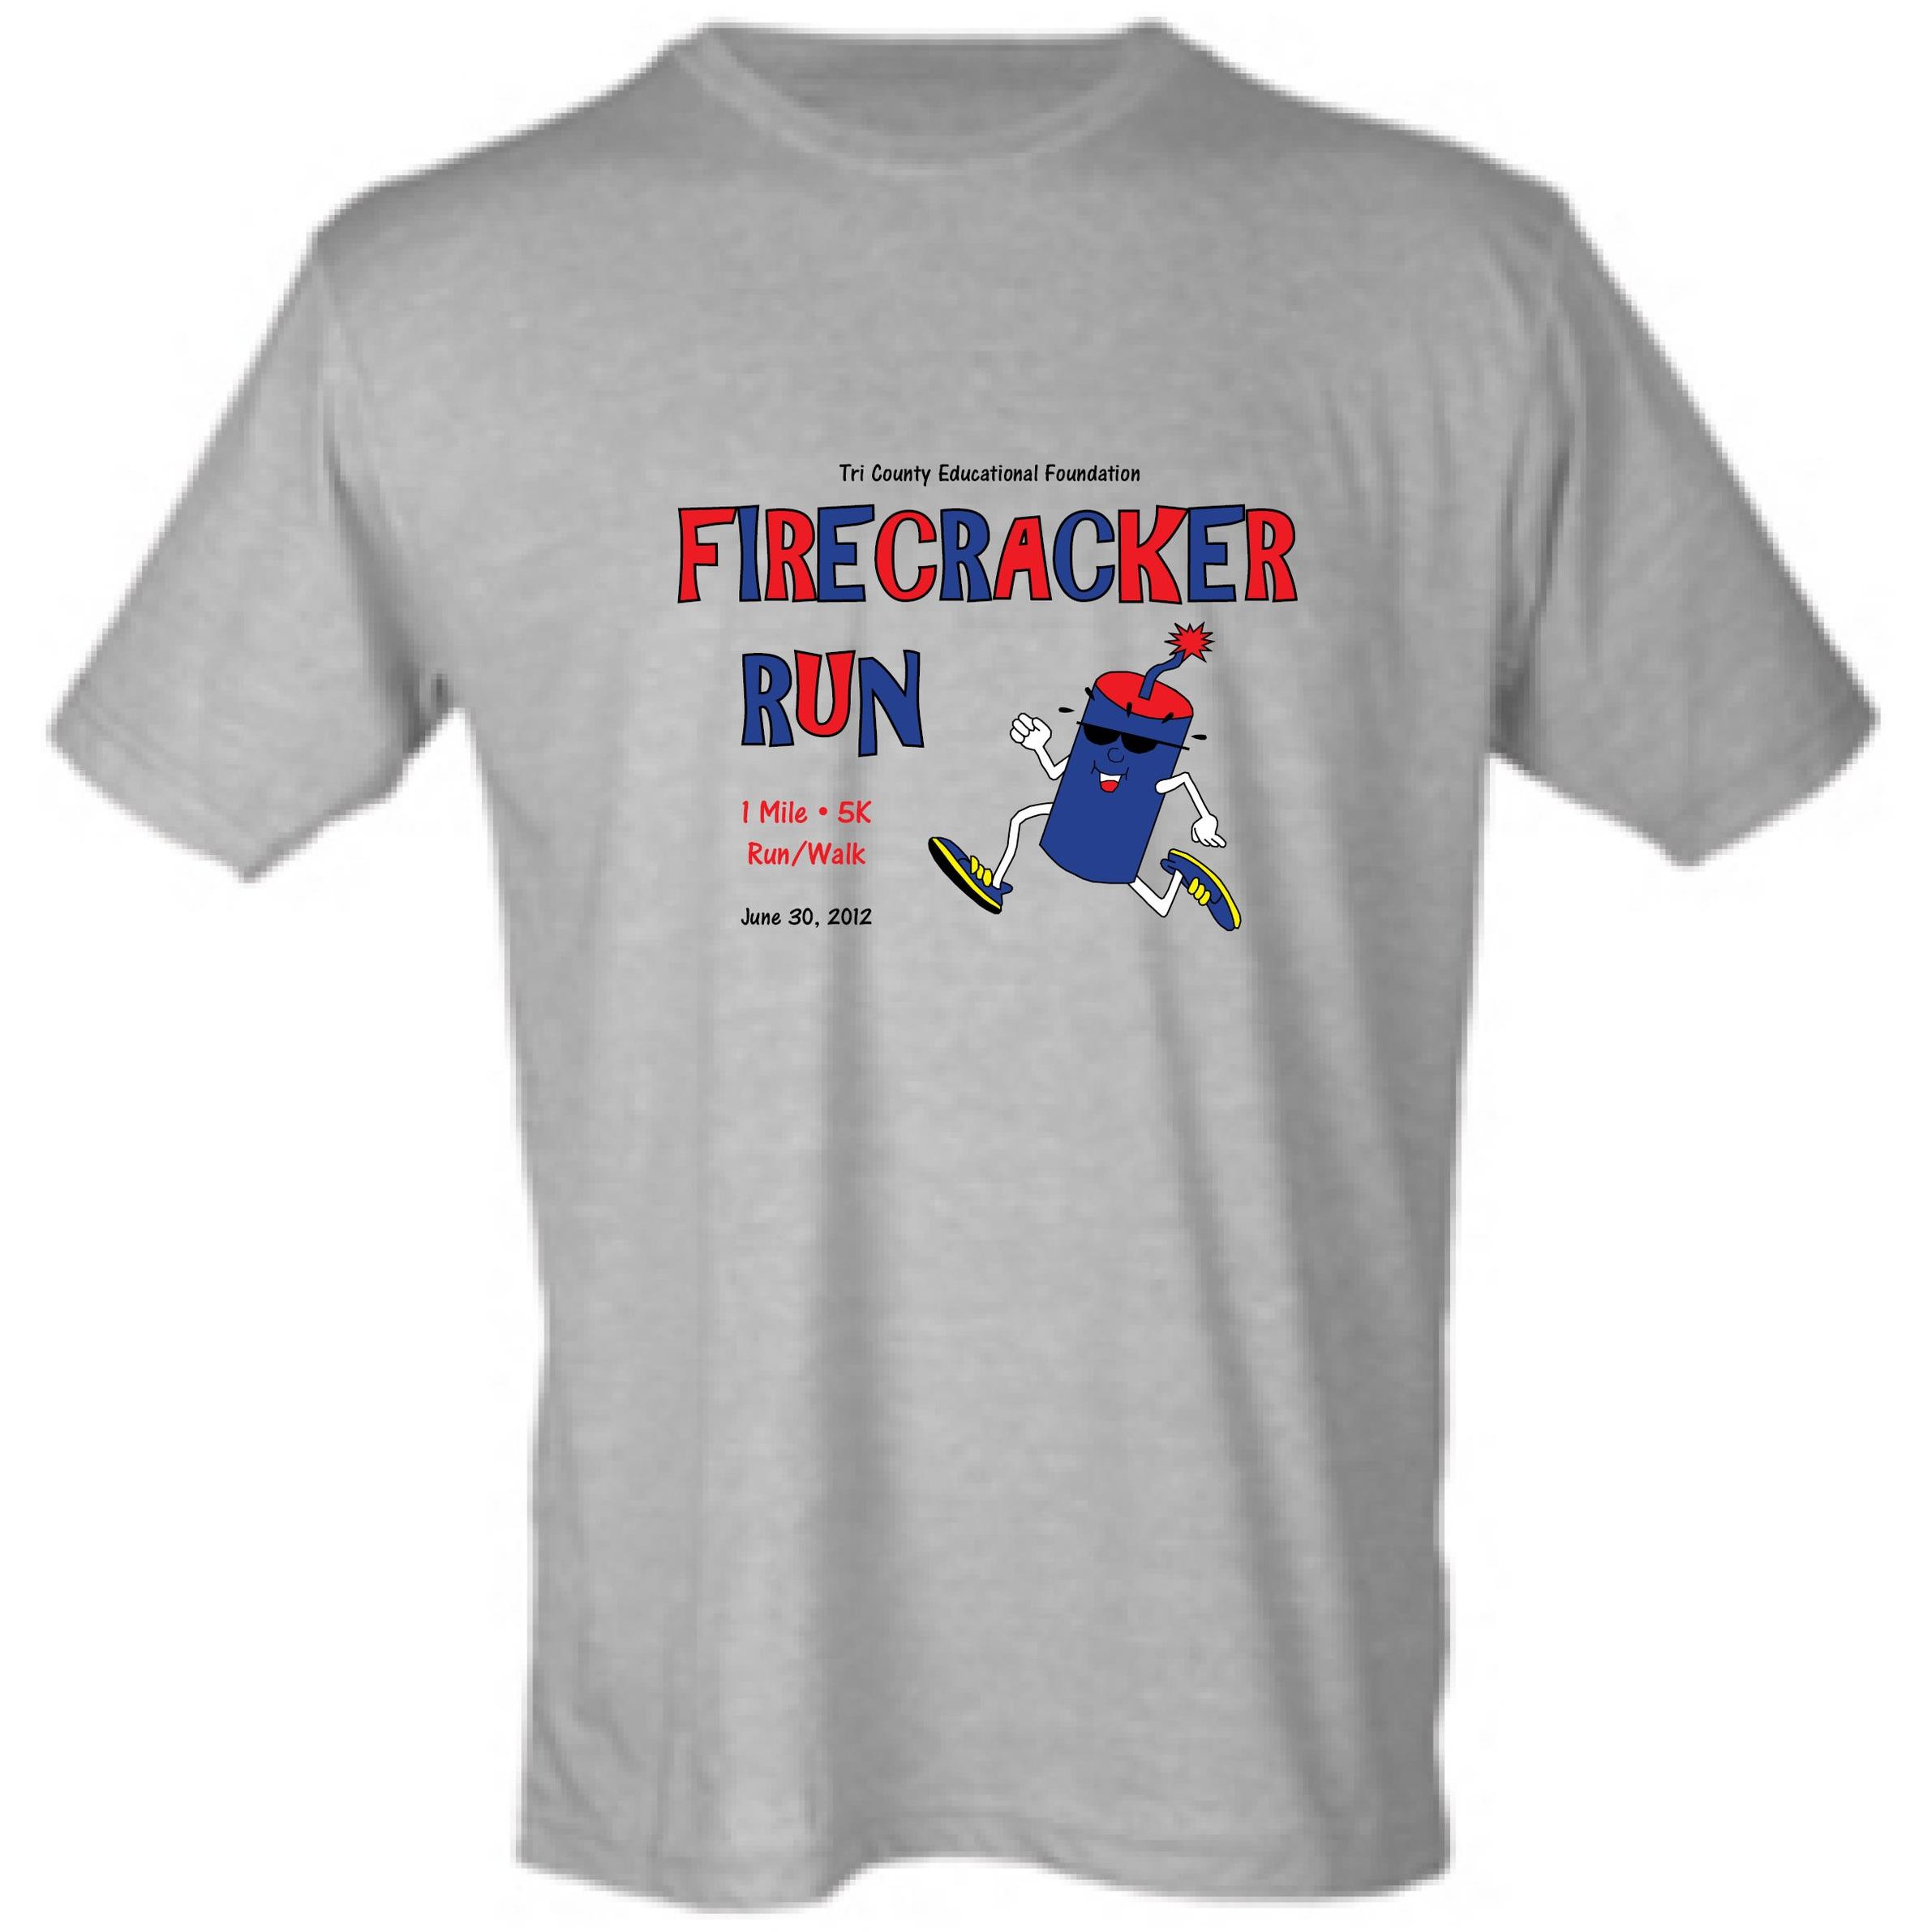 2012 Firecracker Run T-shirt